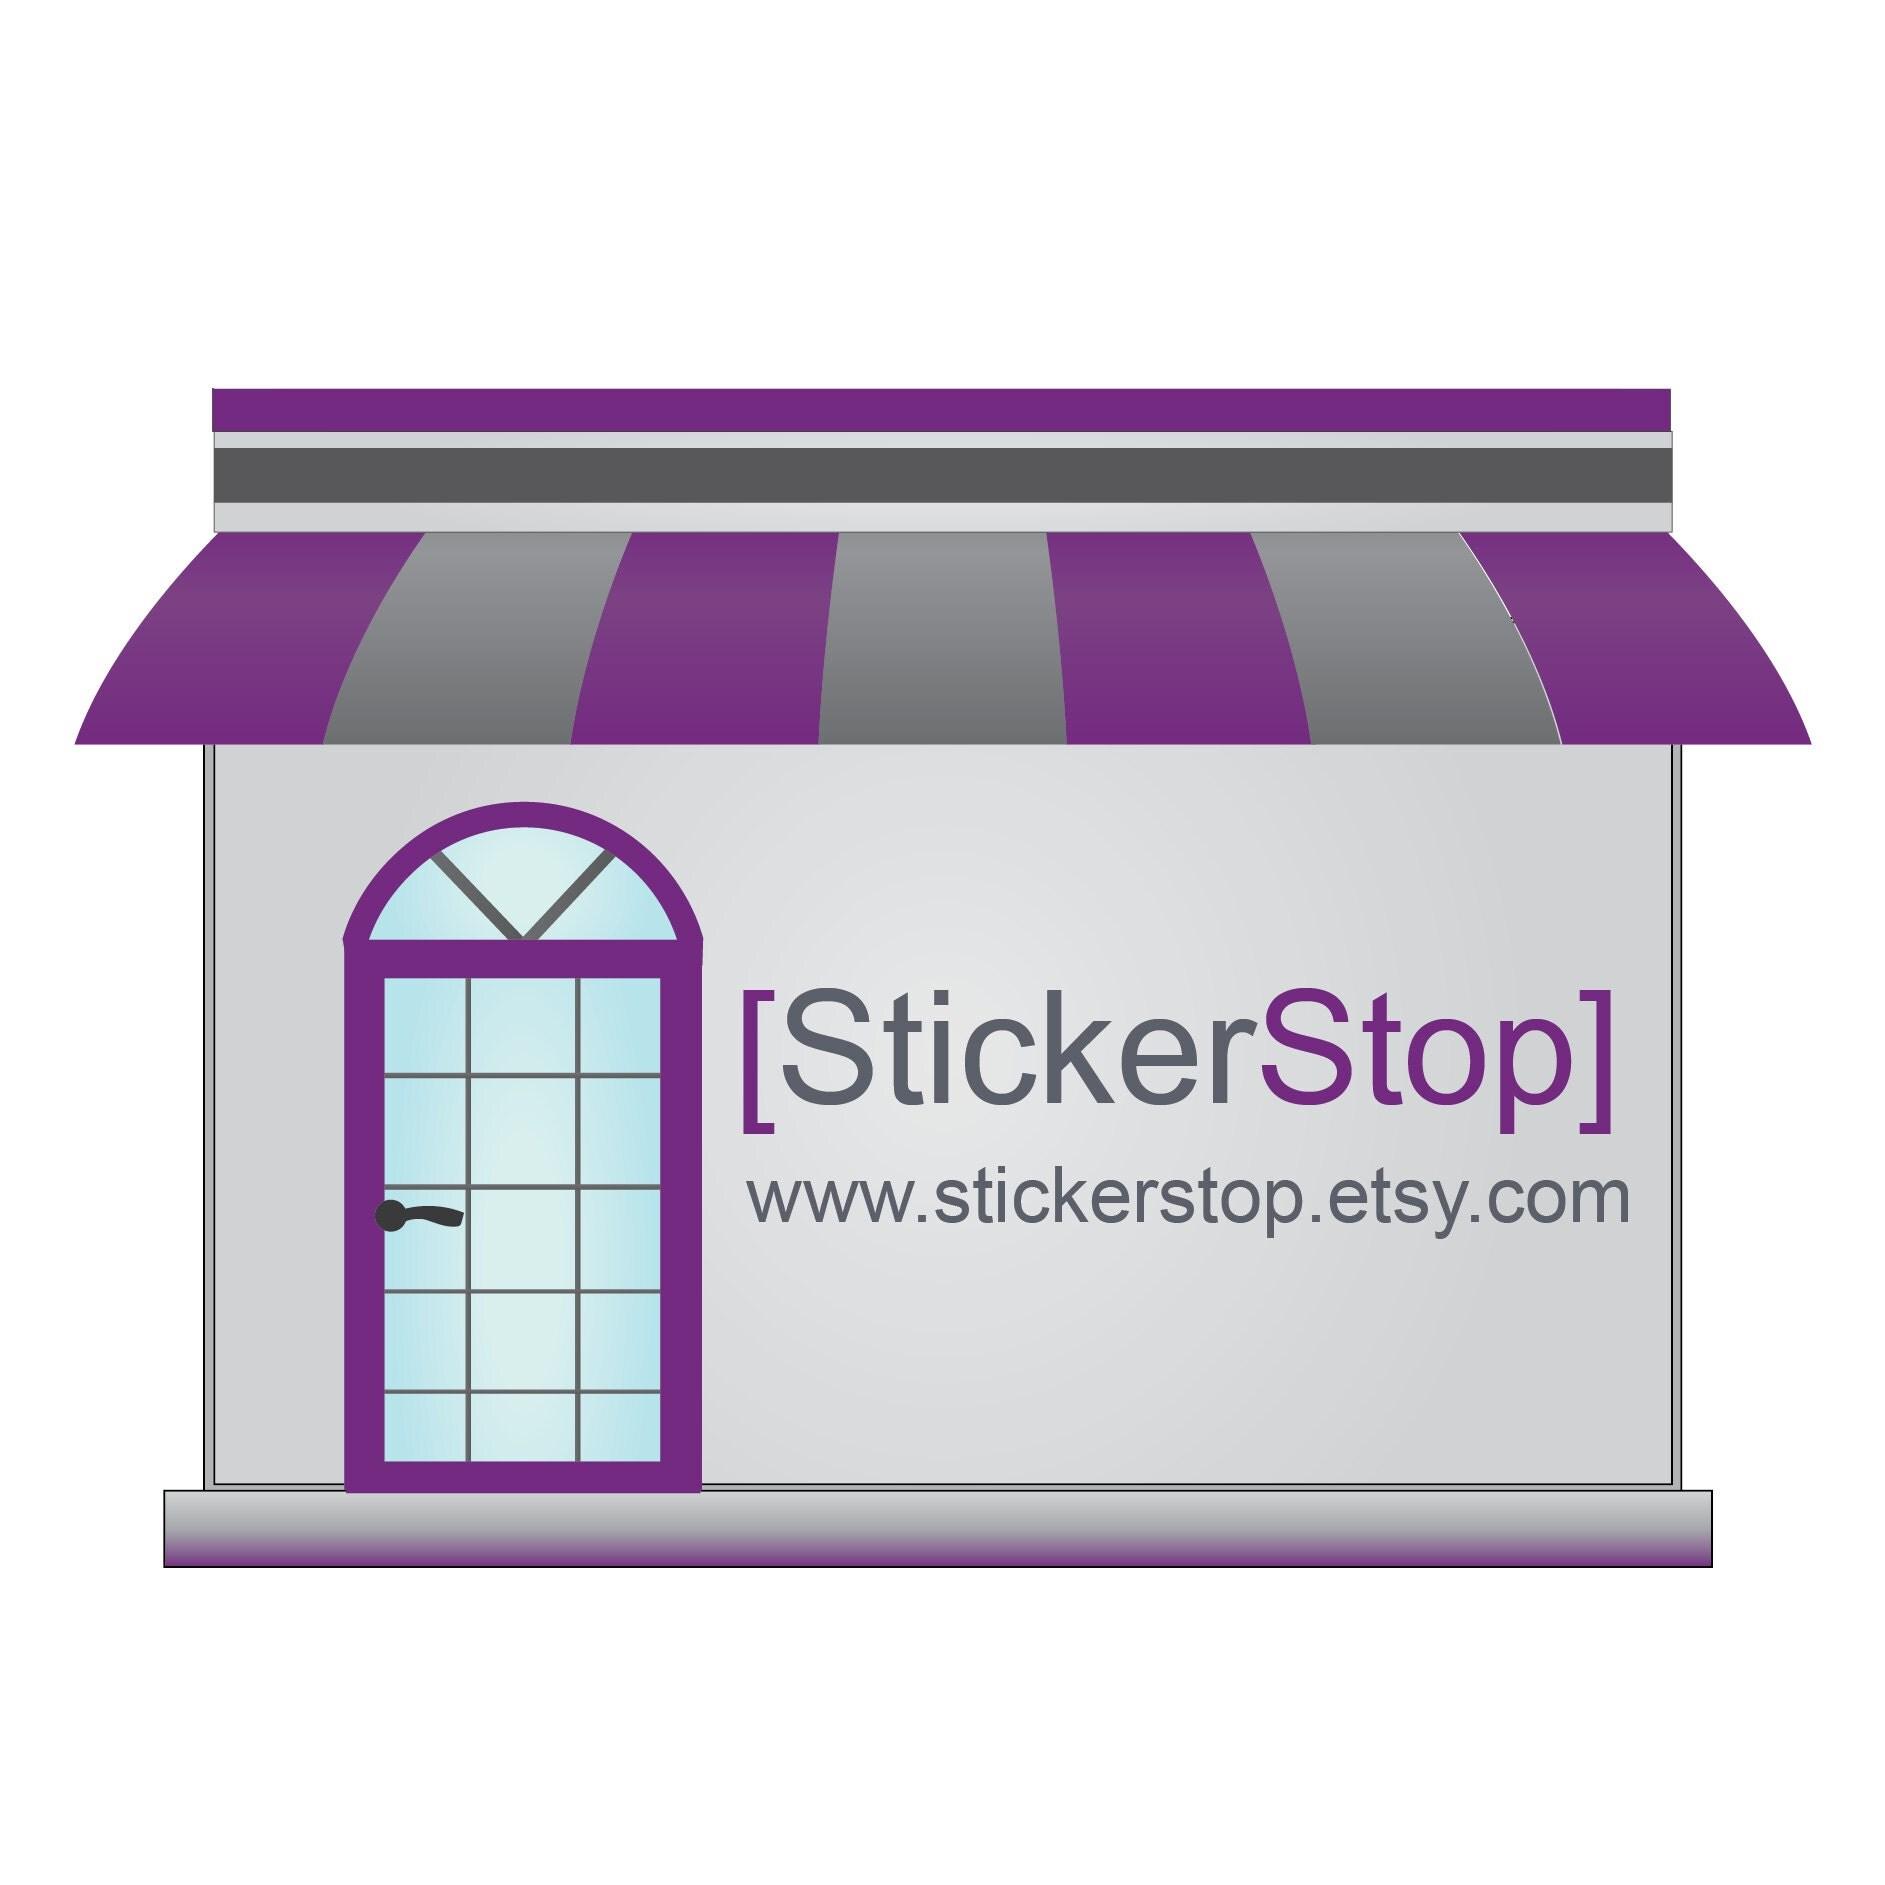 StickerStop